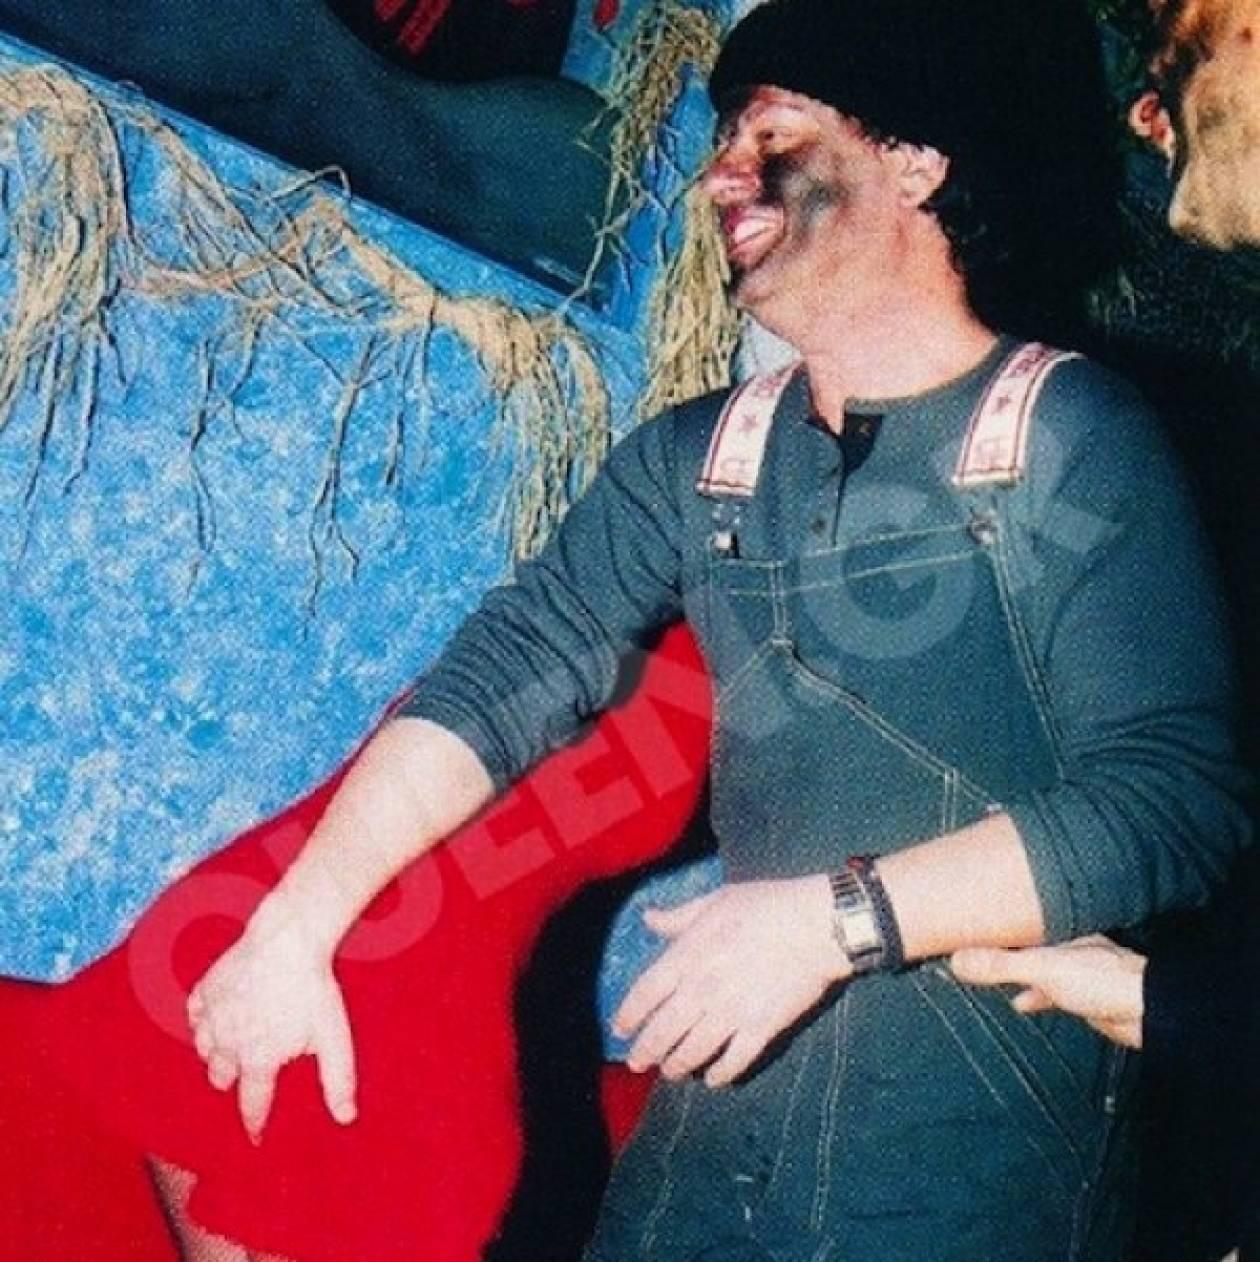 Όταν ο Βλάσης Μπονάτσος ξεφάντωνε με την Μάρθα του 18 χρόνια πριν!